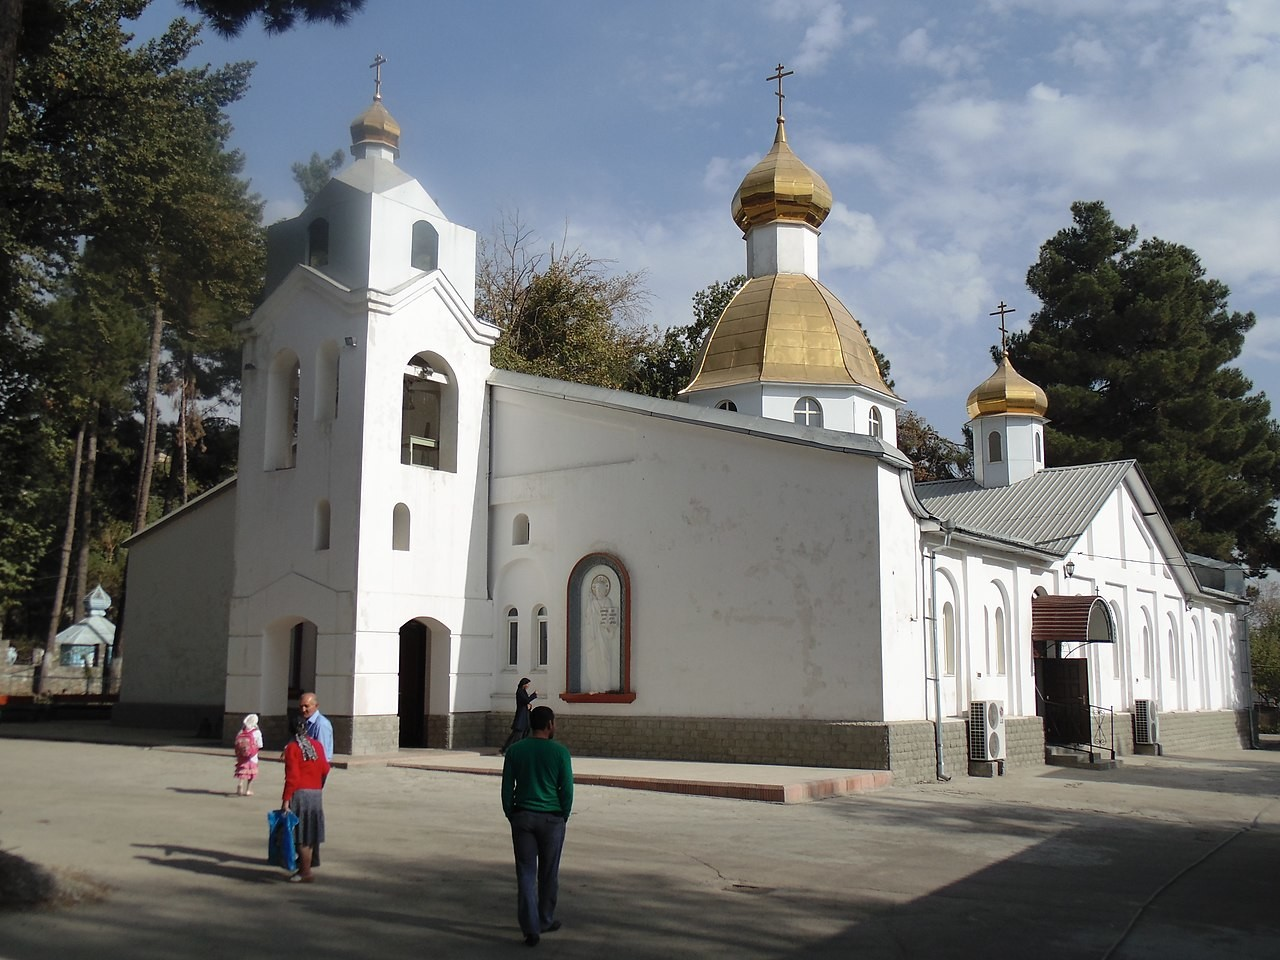 Никољски храм у Душанбеу, данас Таџикистан, подигнут 1943.